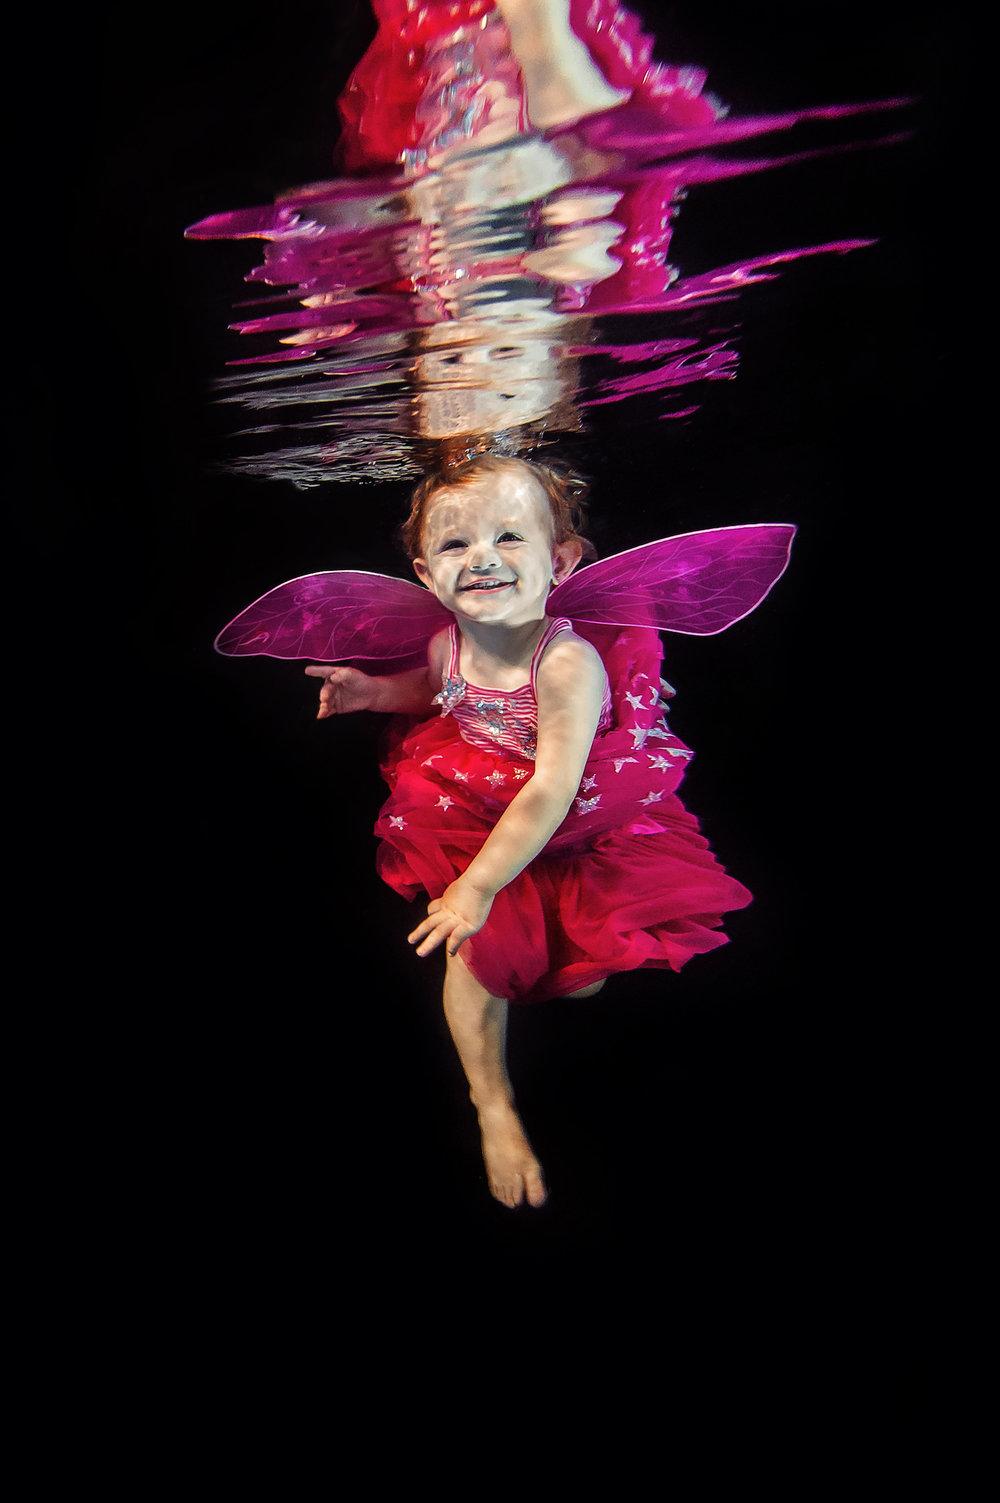 Ilse Moore underwater little dreamer_003.jpg